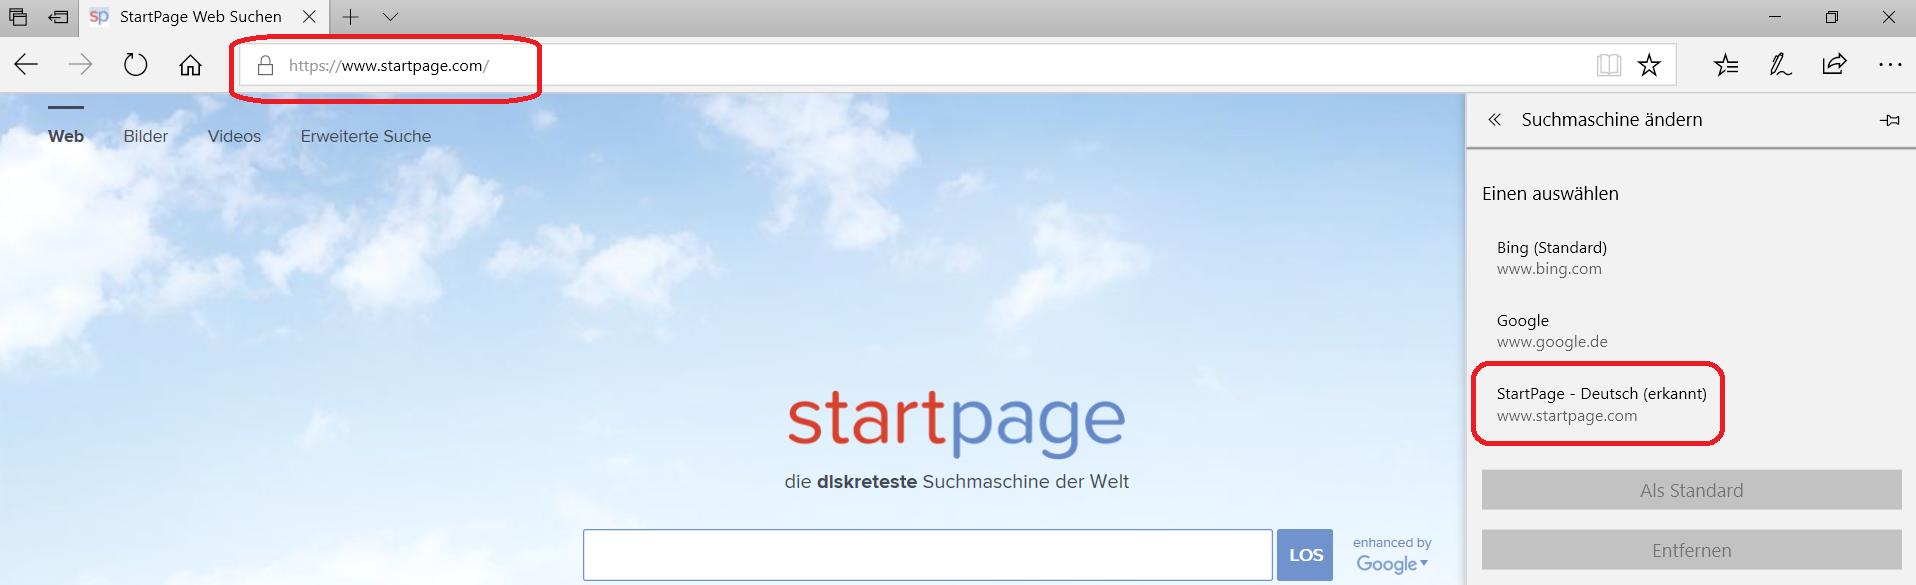 startpage-erkannt